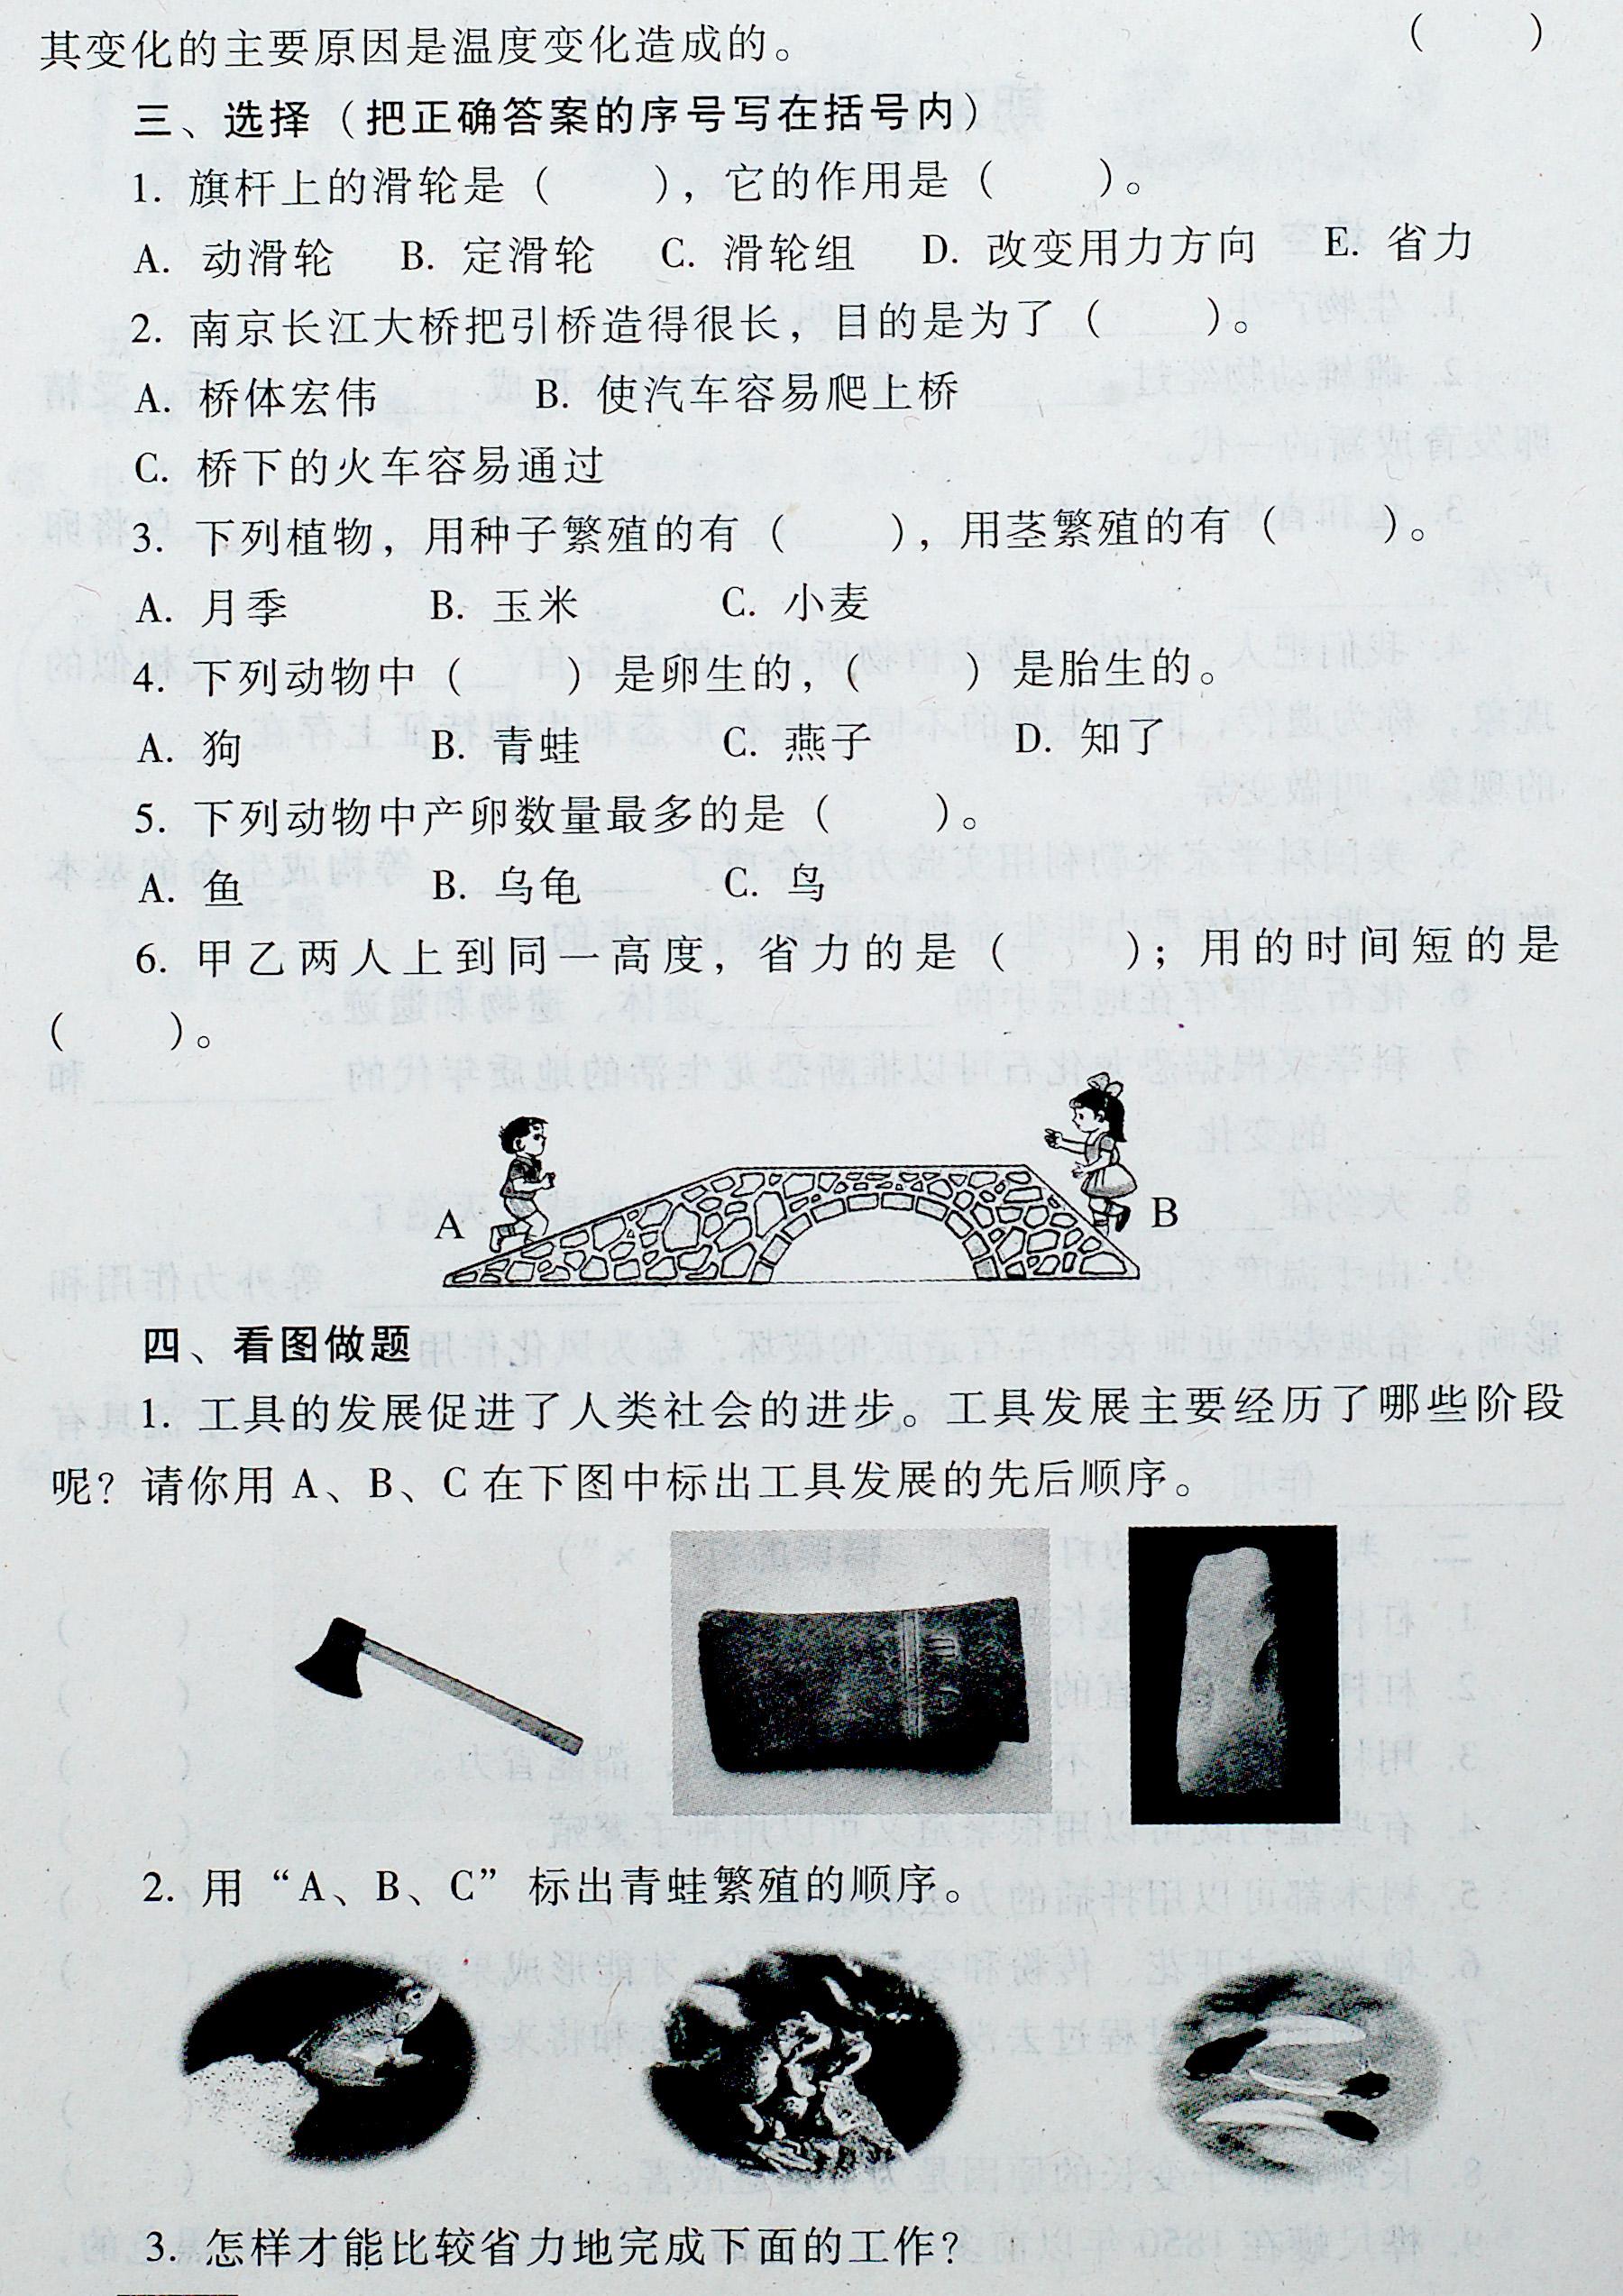 冀教版四年级科学上册教案图片下载 哪里有新课标人教版四高清图片